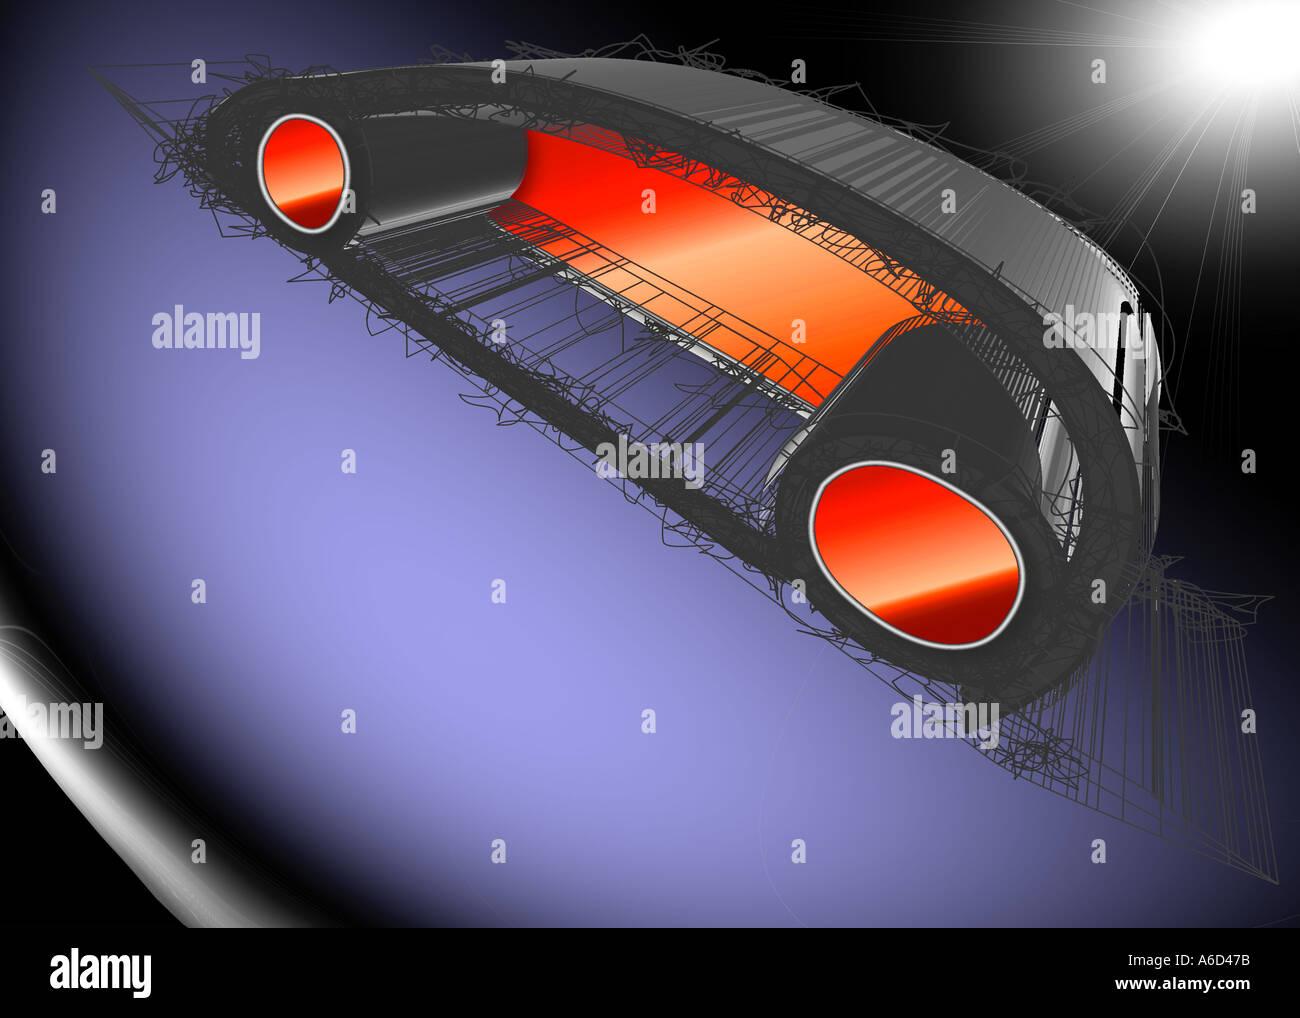 Concept car Photo Stock